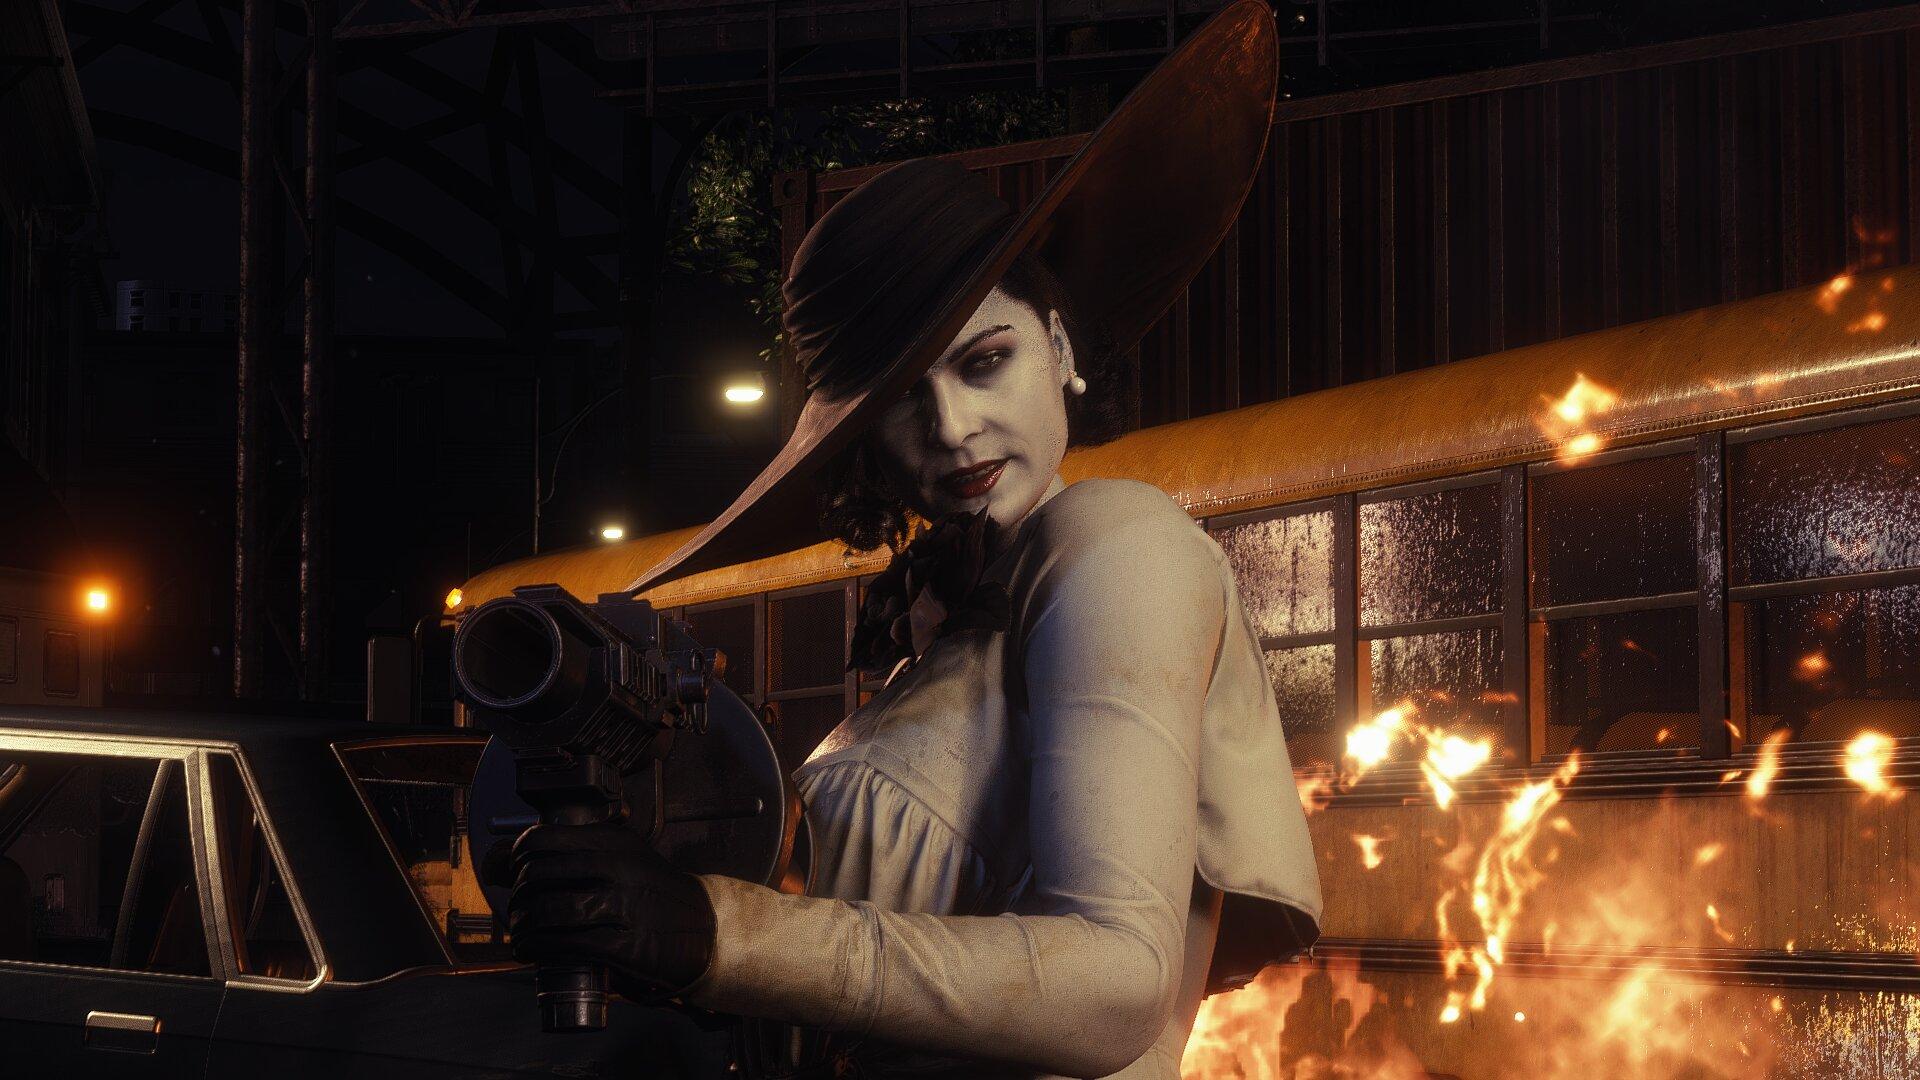 Моддер заменил главную героиню в ремейке Resident Evil 3 на леди Димитреску из RE Village